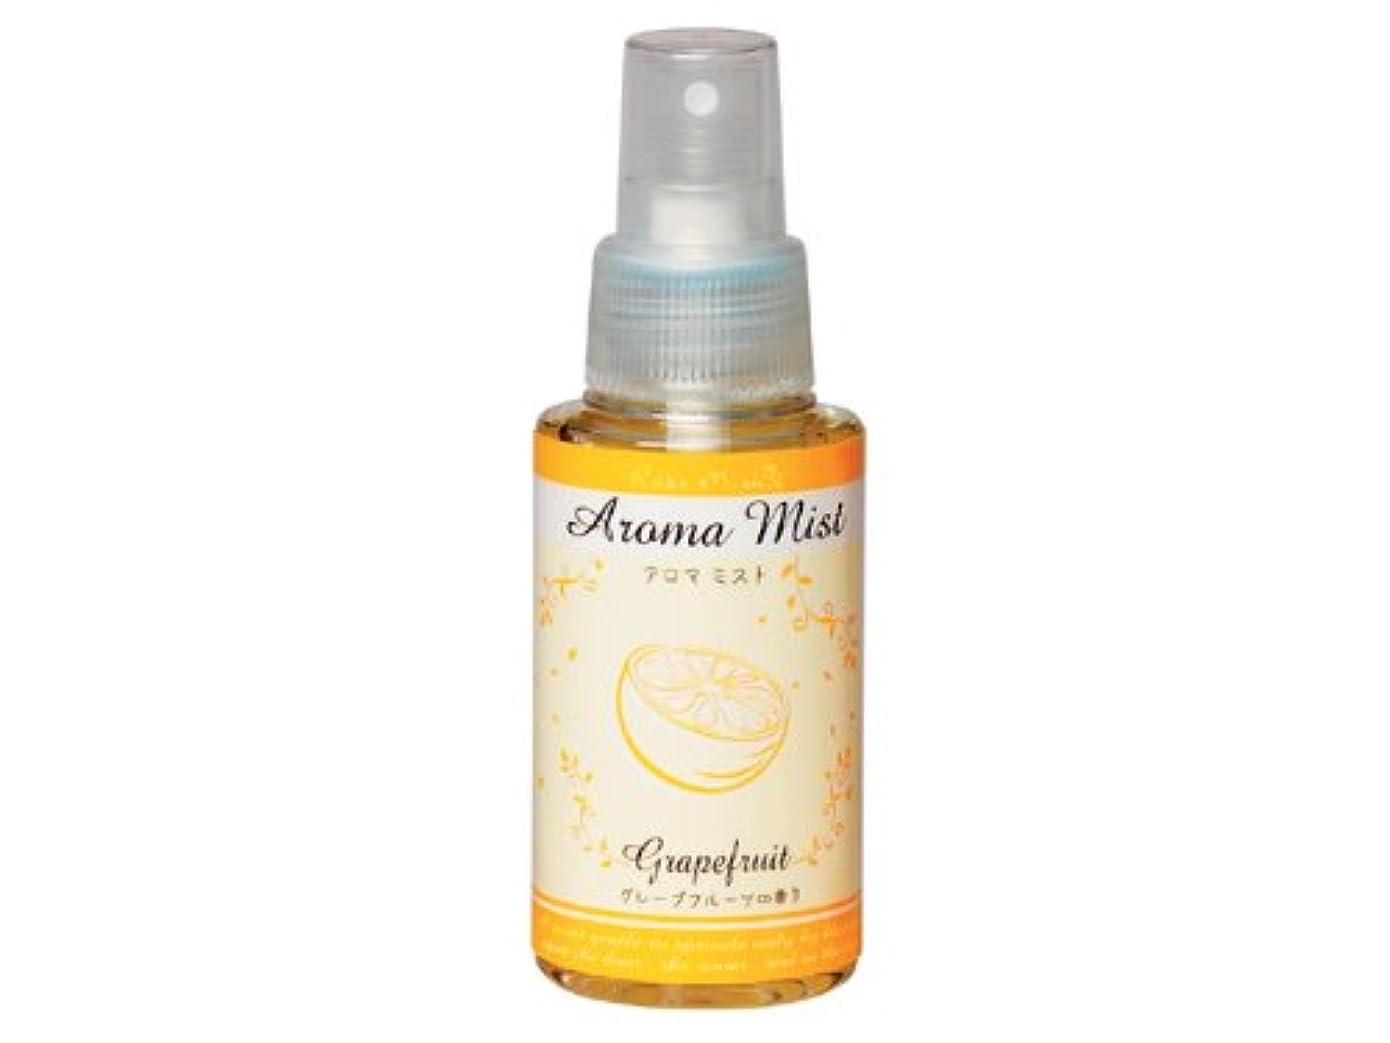 バタフライ期間根絶するアロマミスト グレープフルーツの香り